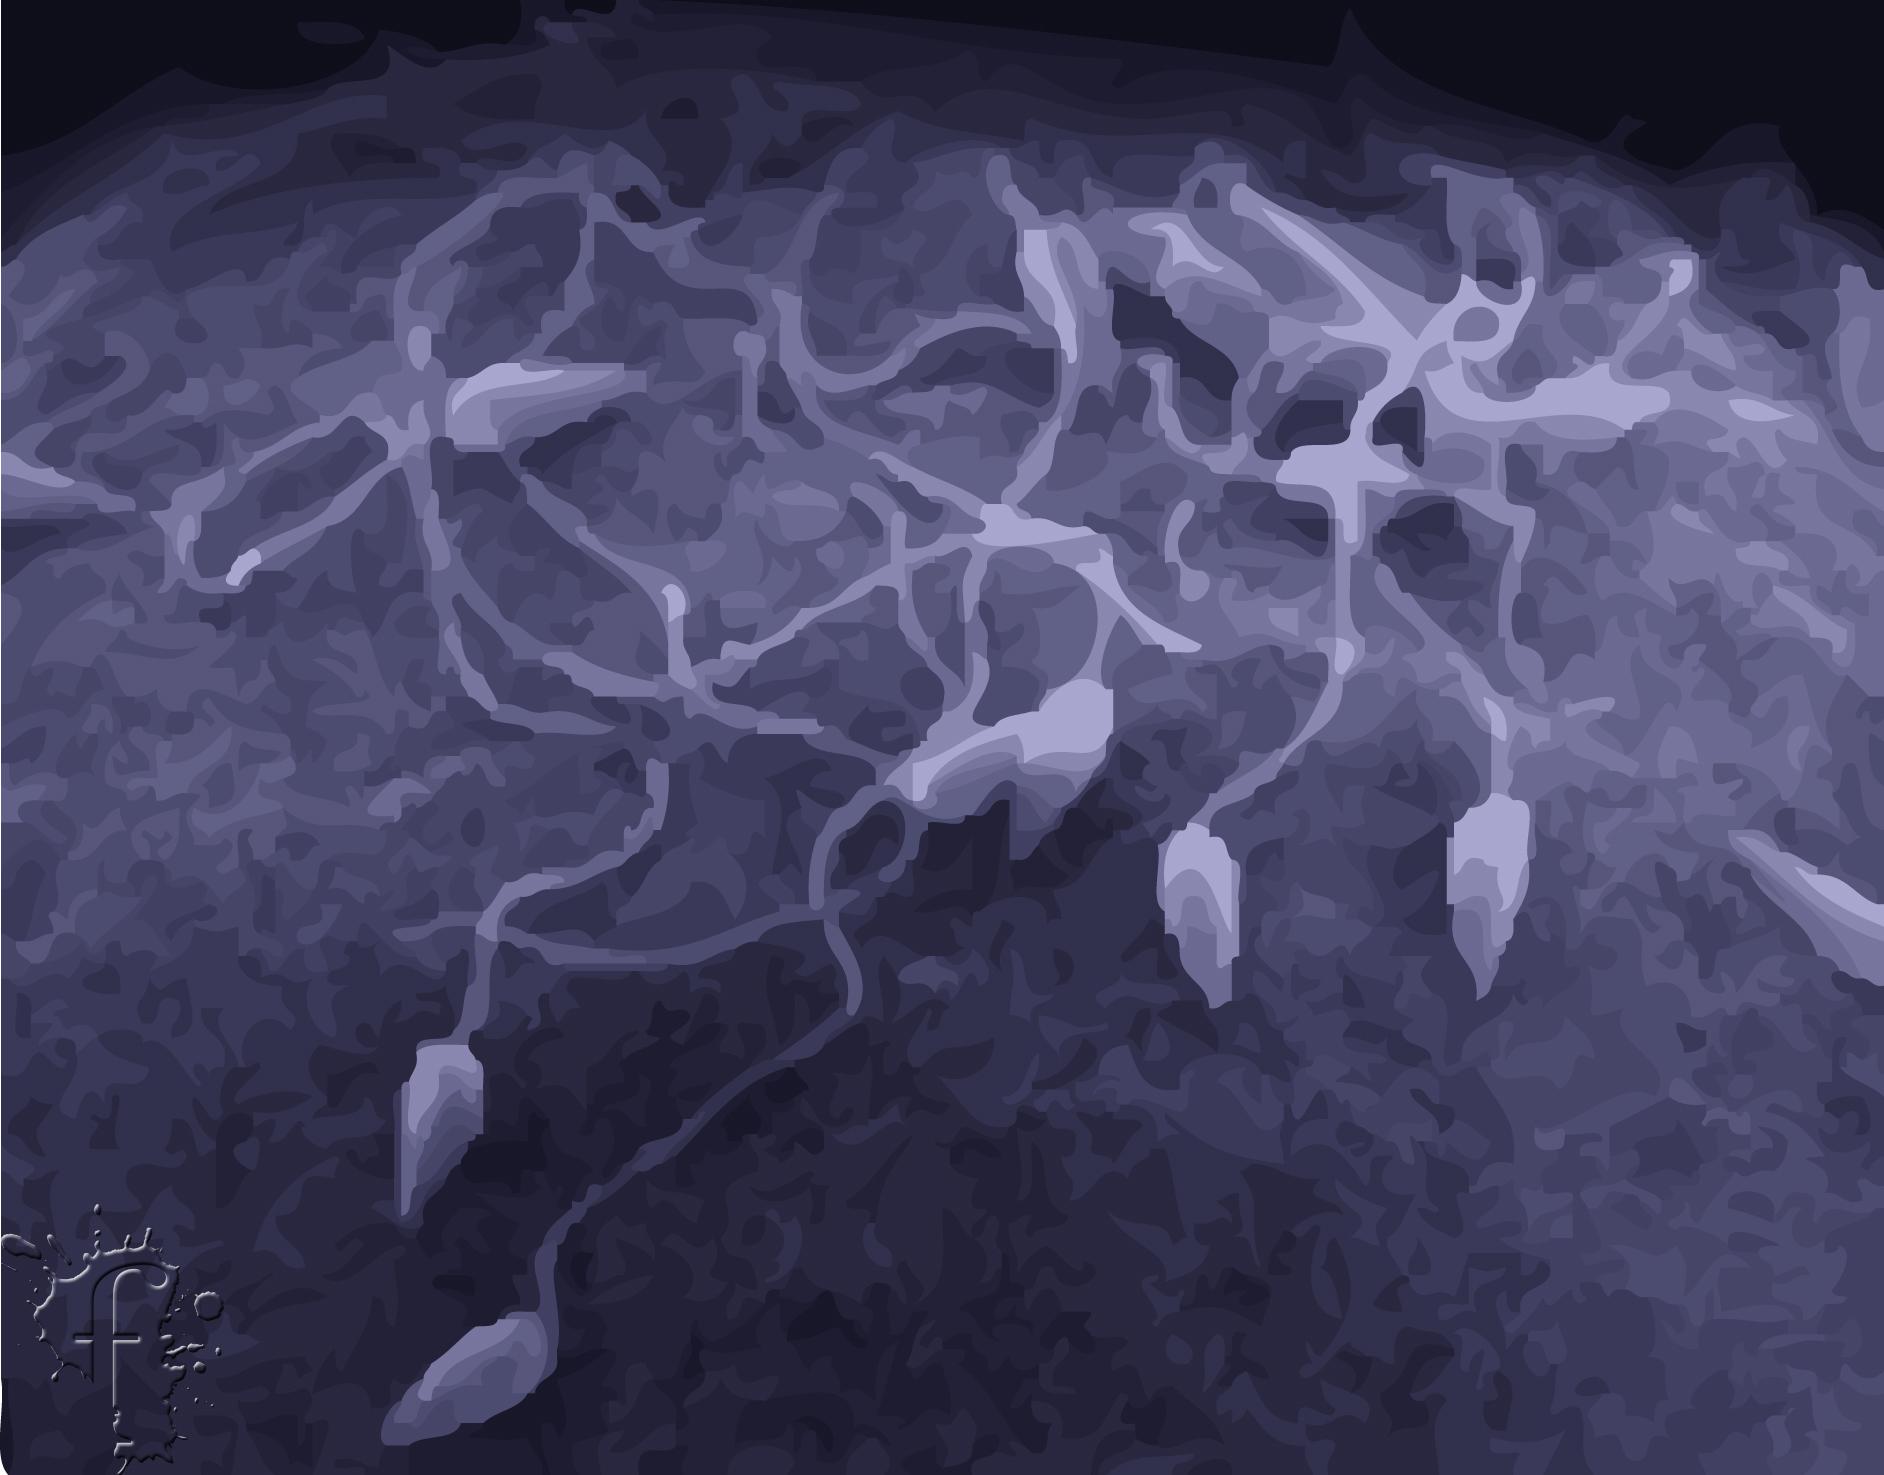 Сперма в микроскоп 12 фотография